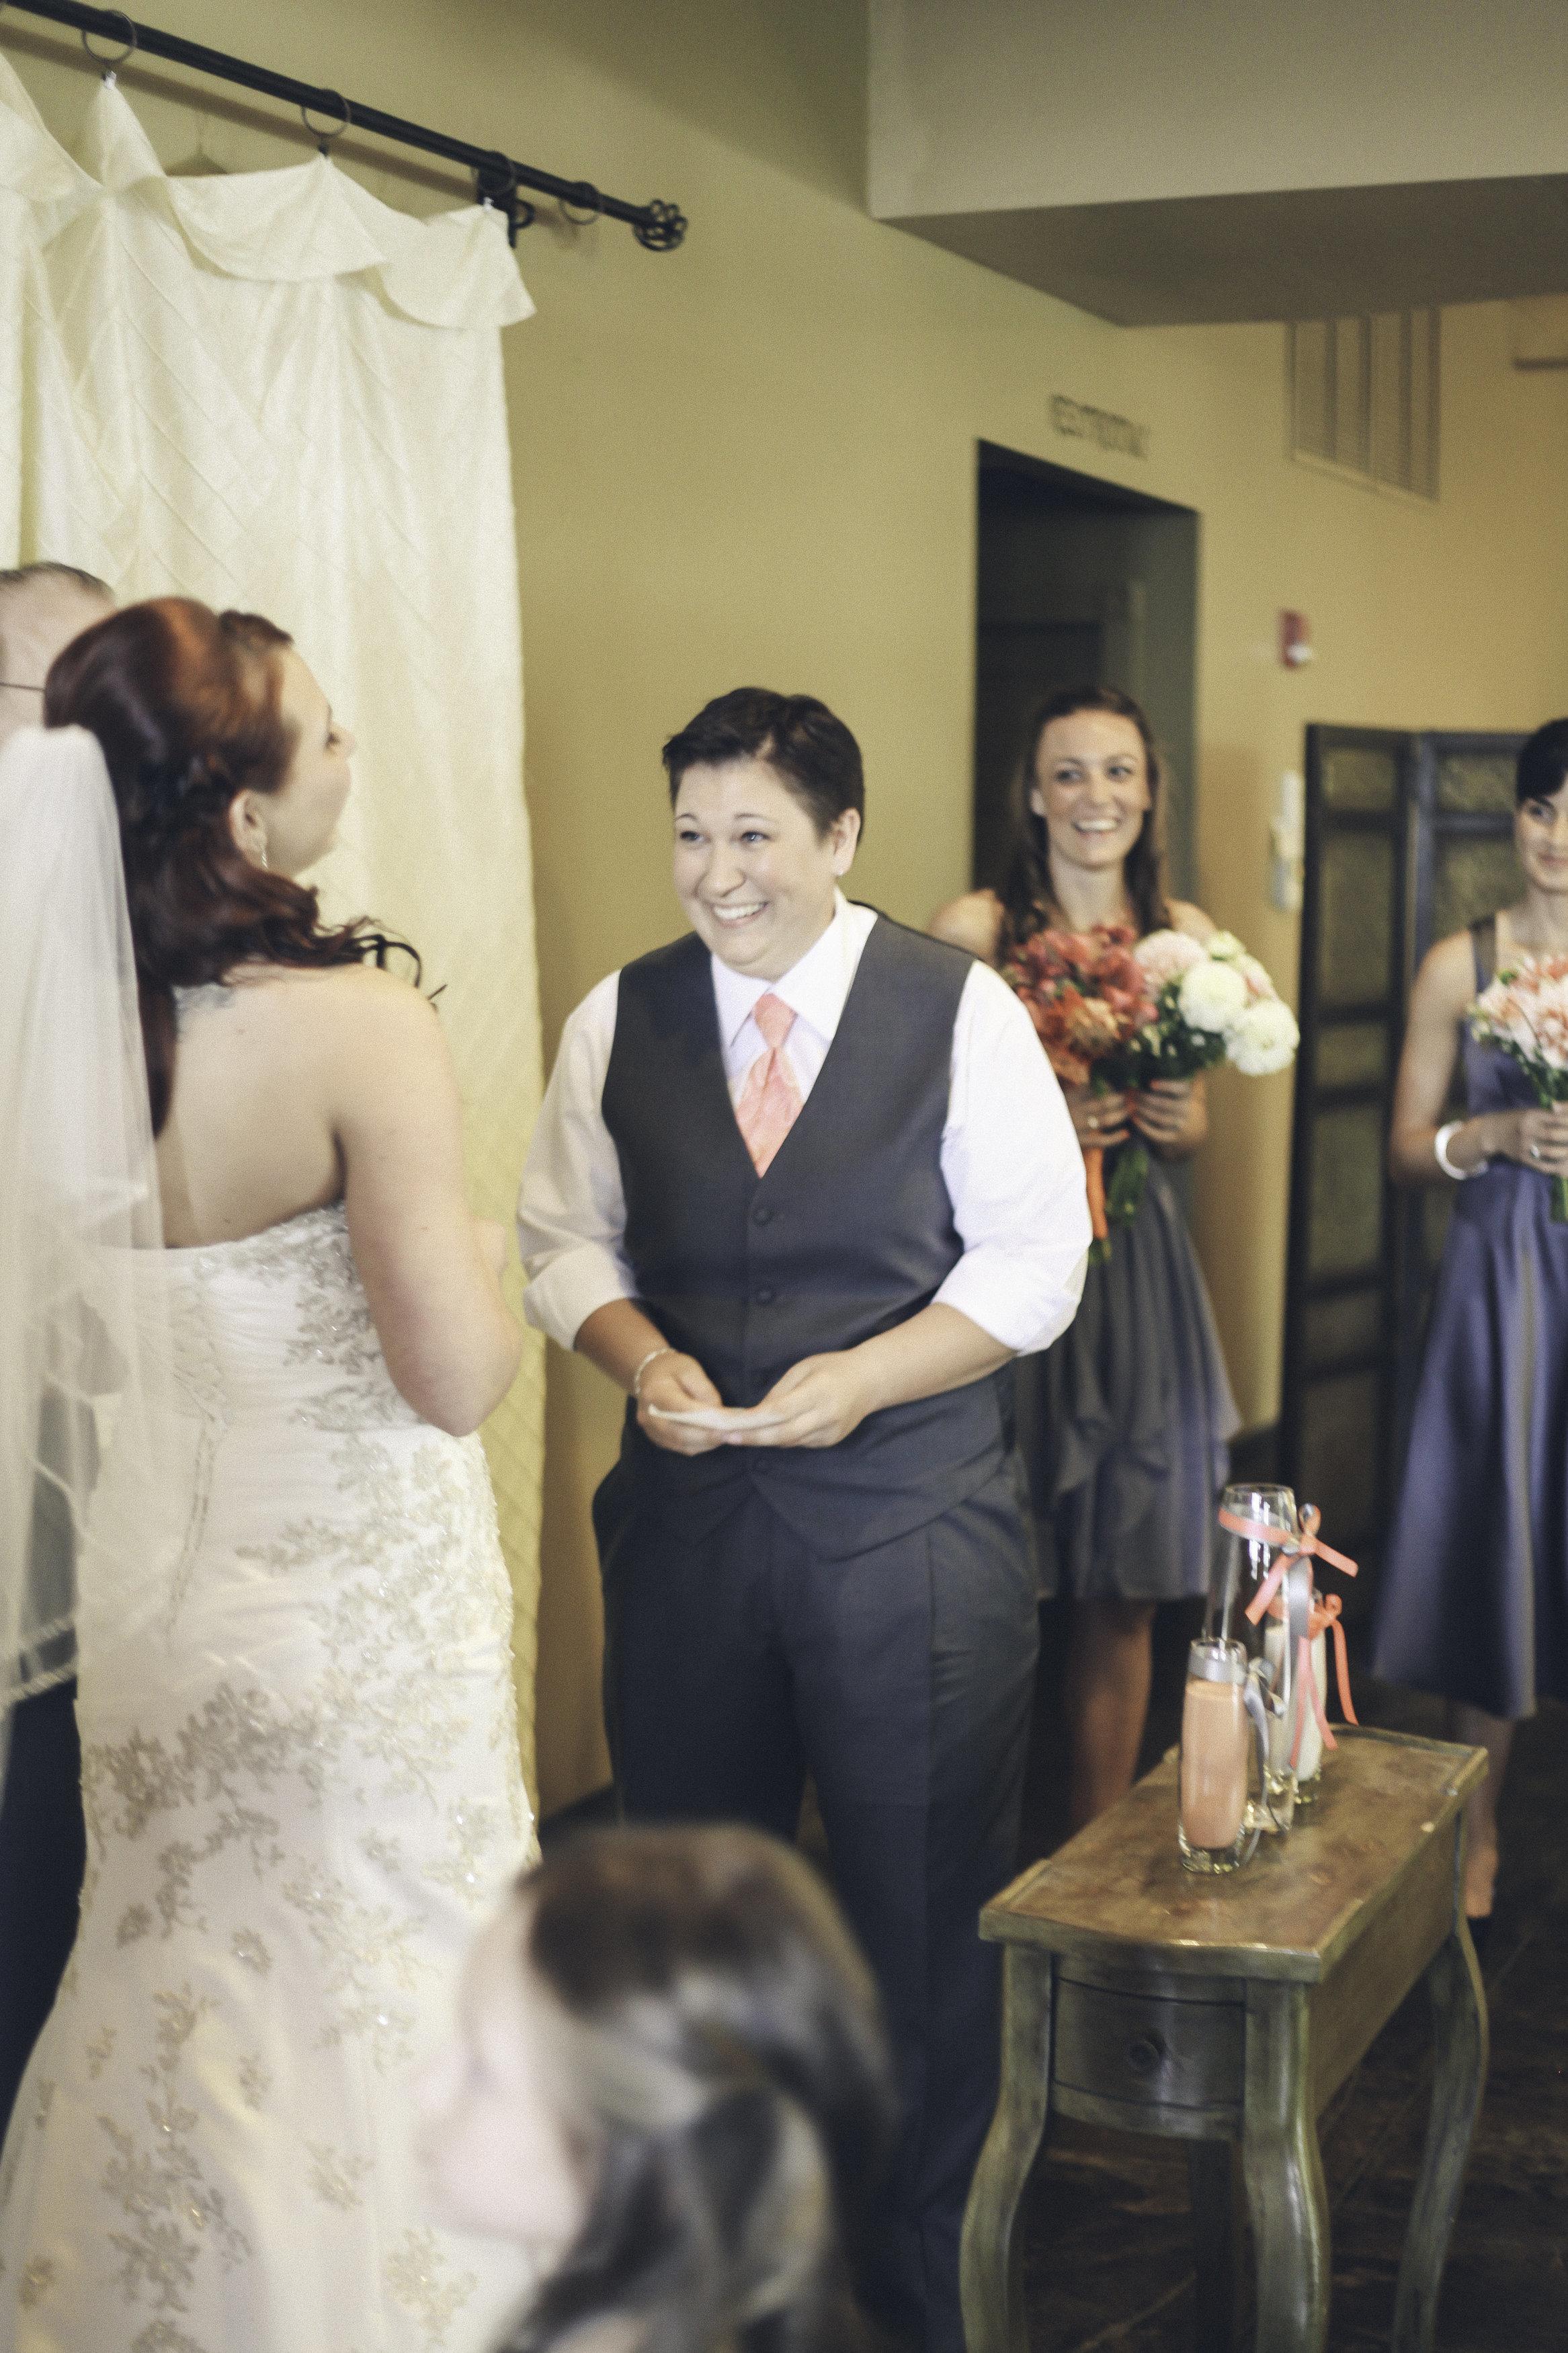 Devon Sara Married-Devon Sara-0147.jpg